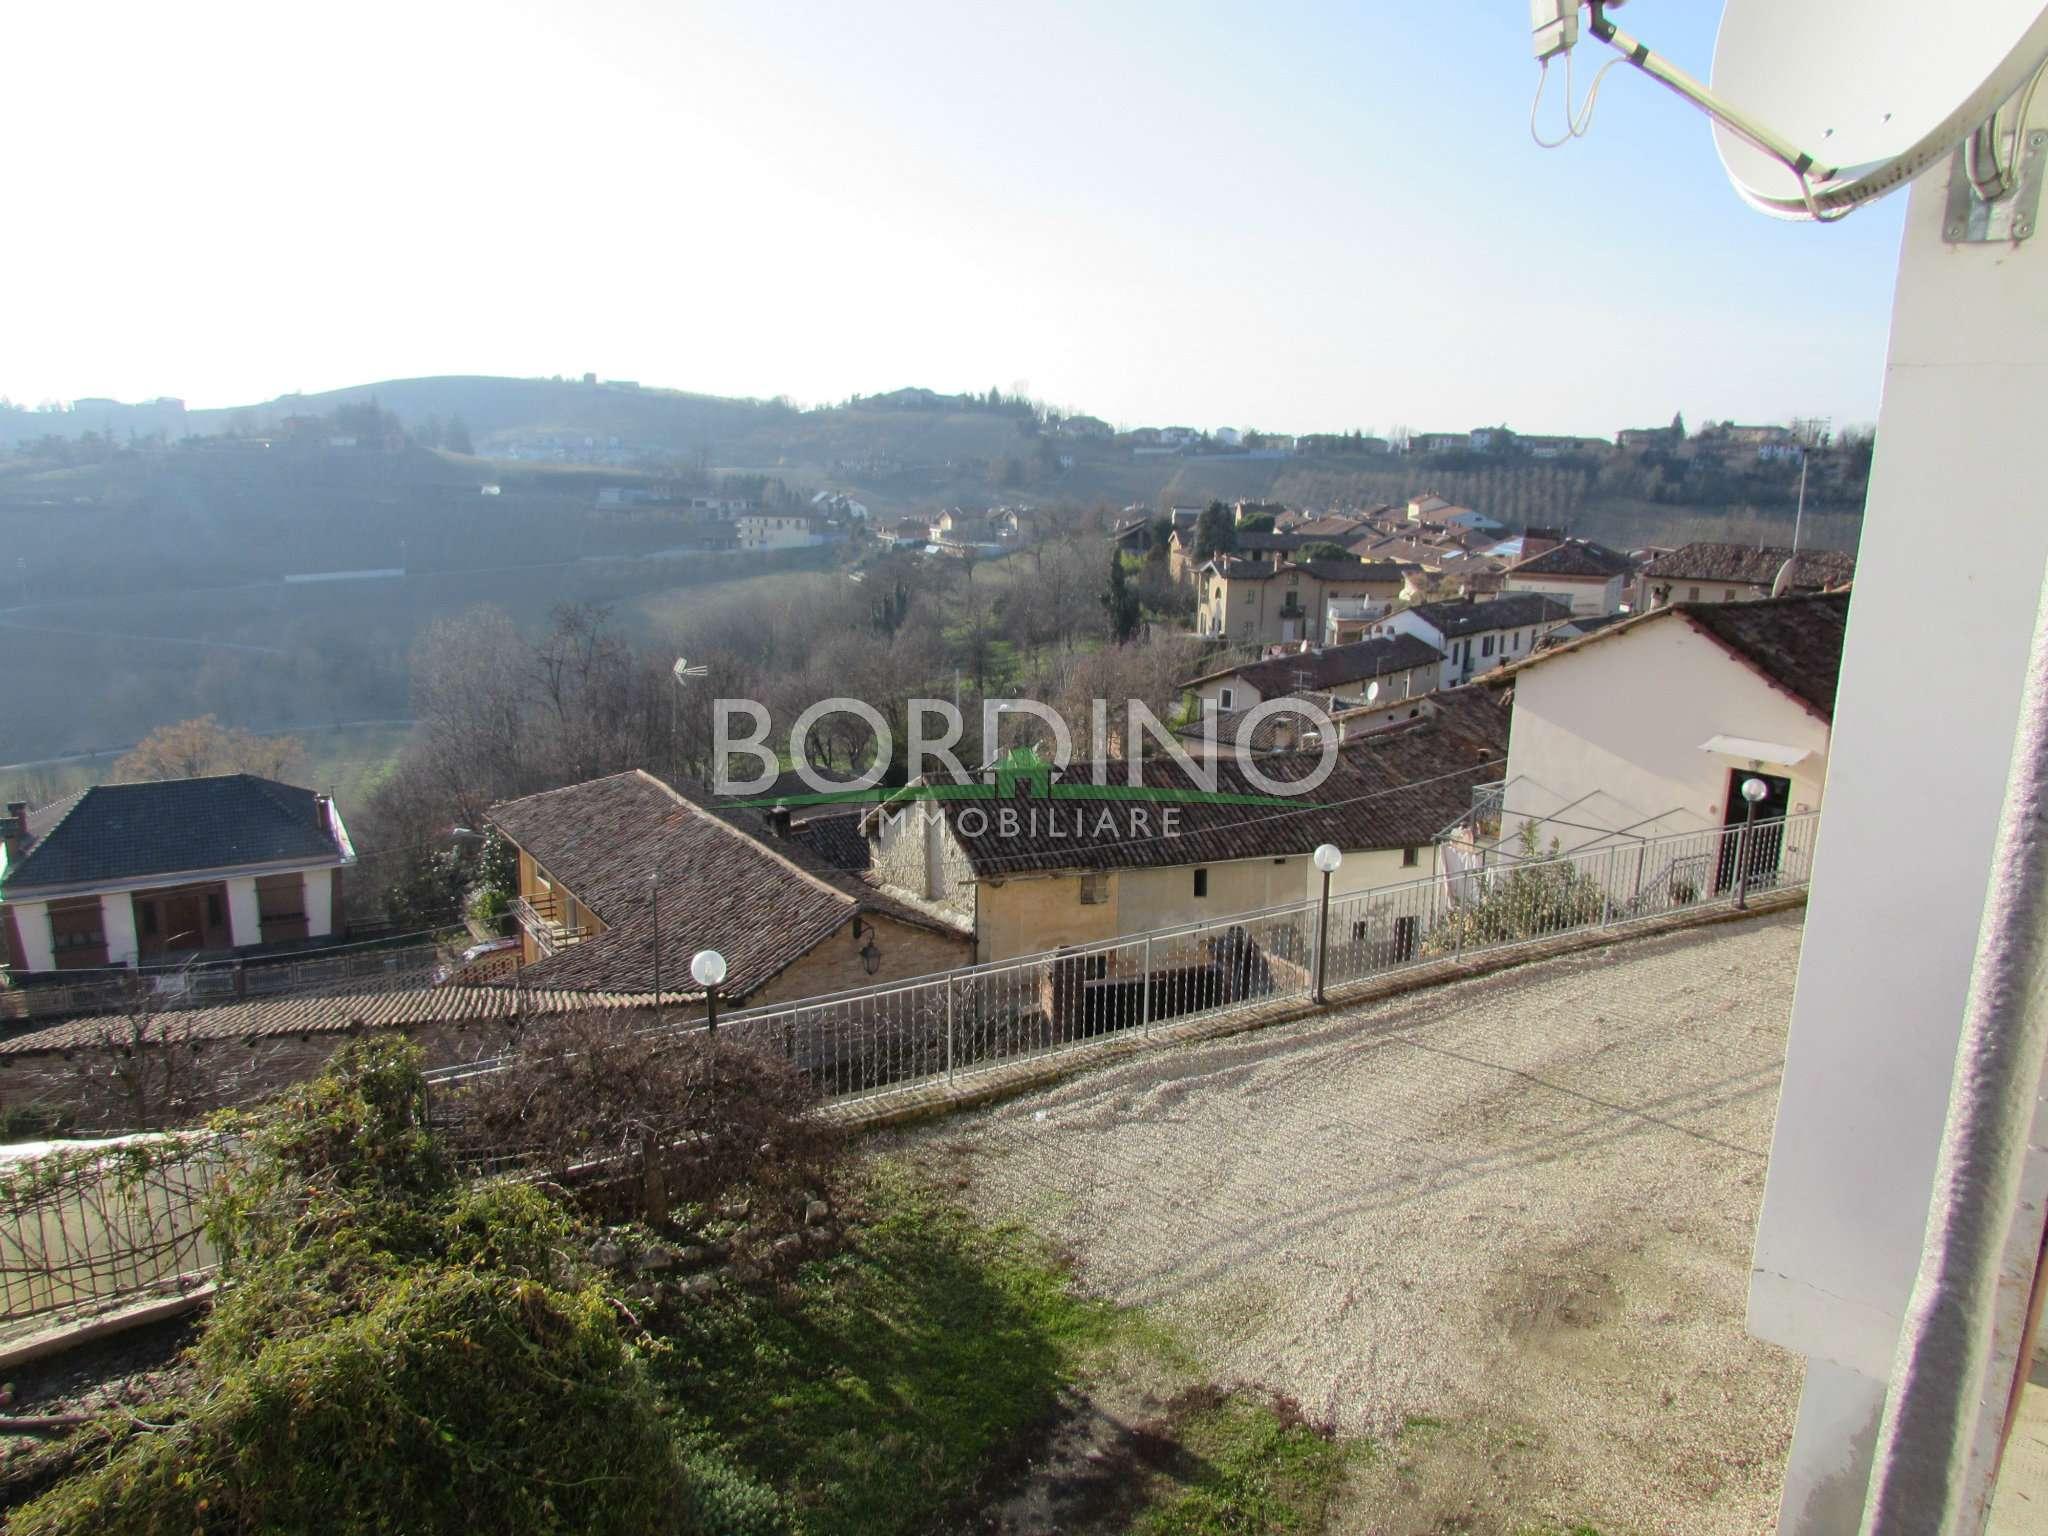 Soluzione Indipendente in vendita a Govone, 4 locali, prezzo € 80.000 | CambioCasa.it